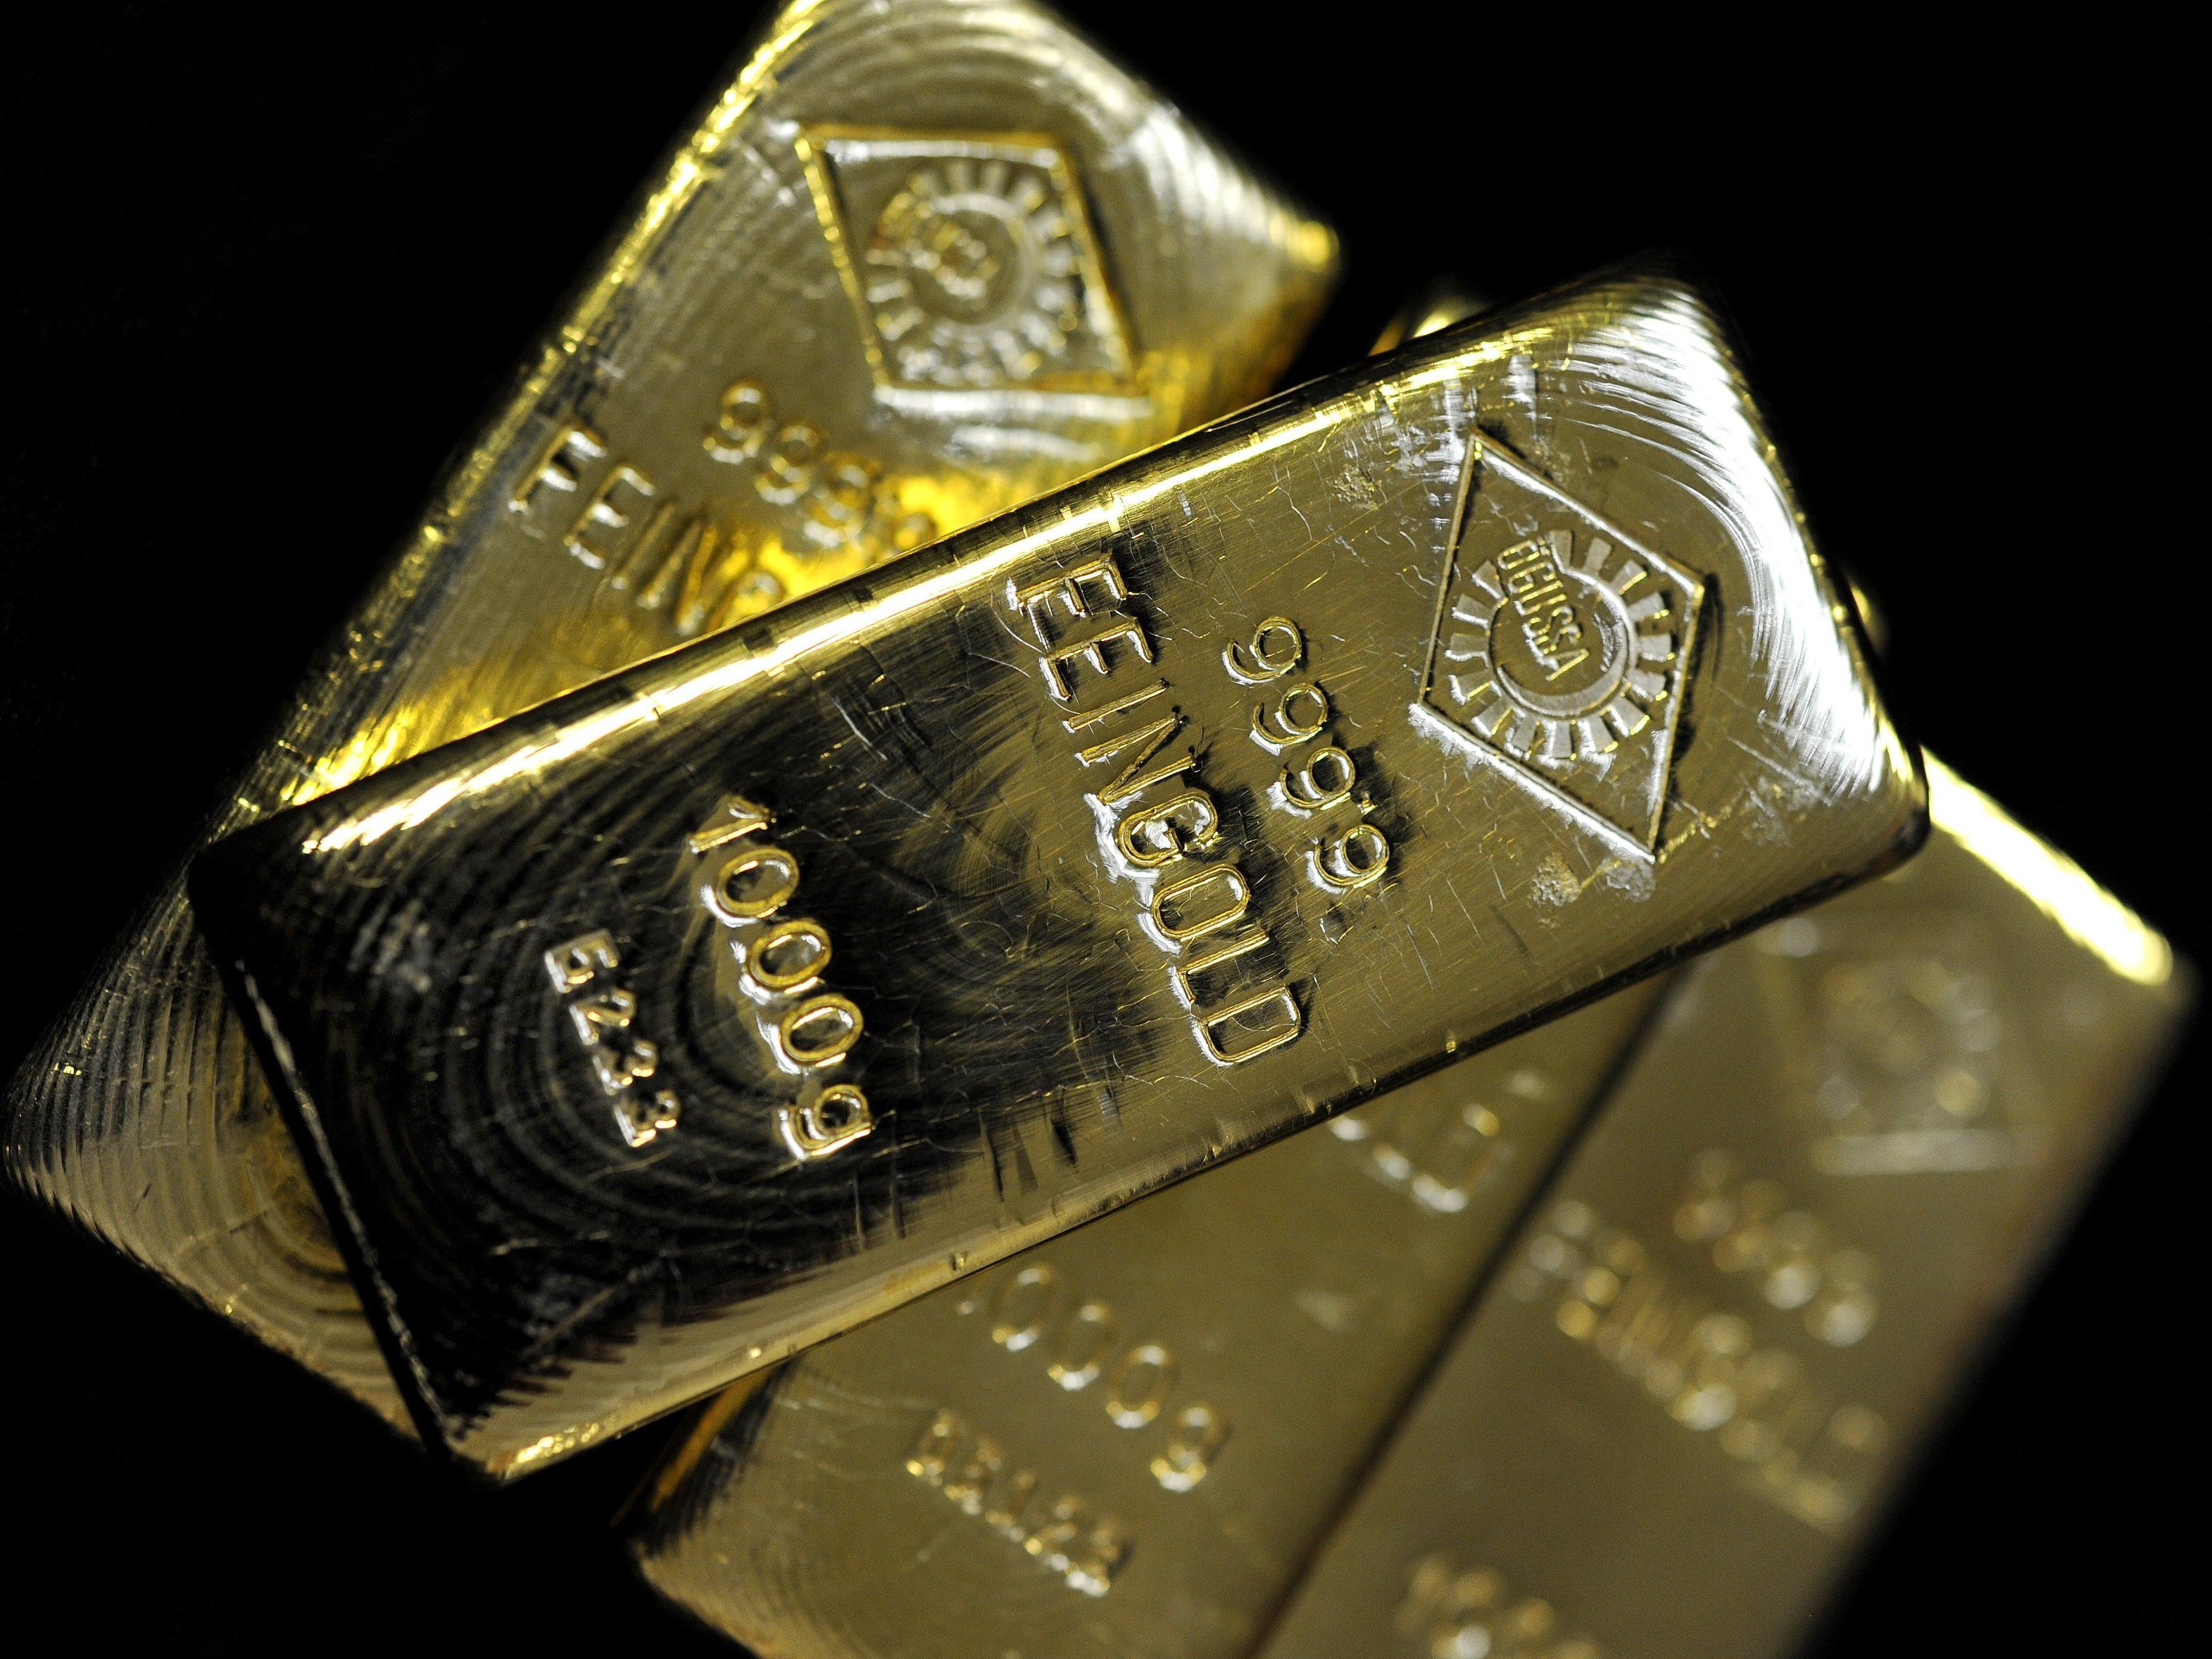 Goldpreis sinkt auf tiefsten Stand seit fünf Jahren.